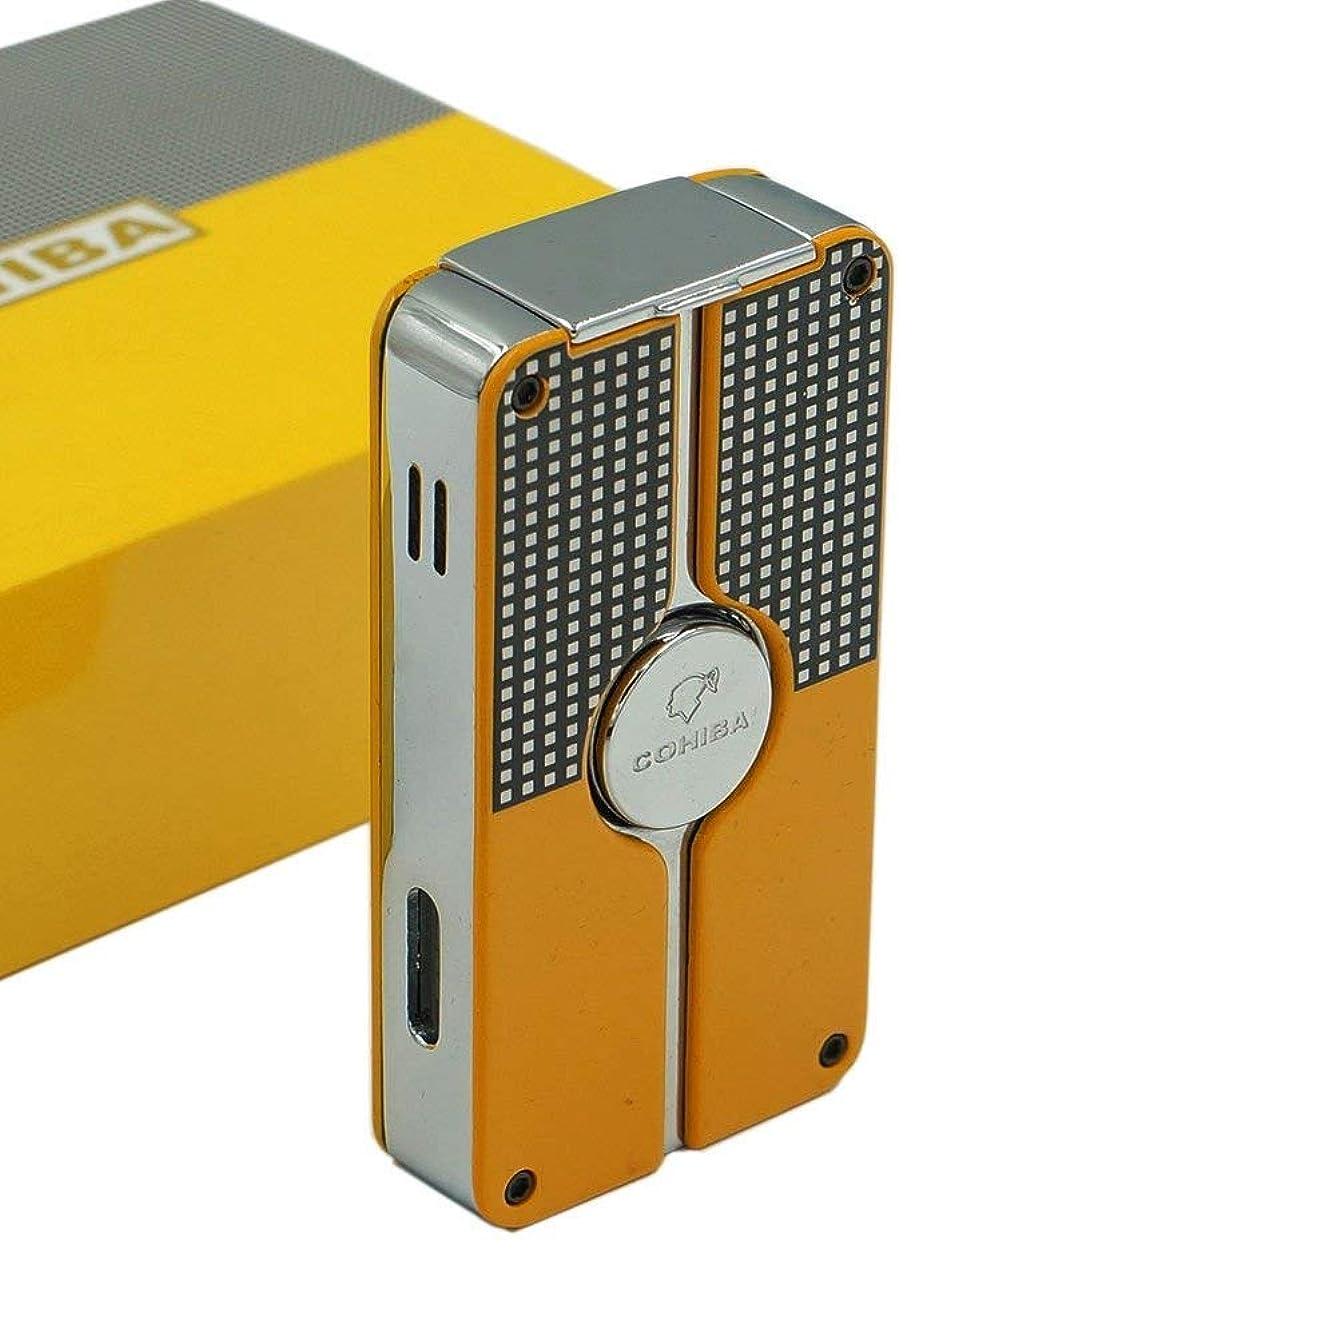 謝罪ダンスカリキュラムCOHIBA/喫煙具/葉巻/シガーライター/COHIBA Yellow Finish Classic Torch Jet Flame Cigar Lighter W/Punch New Design